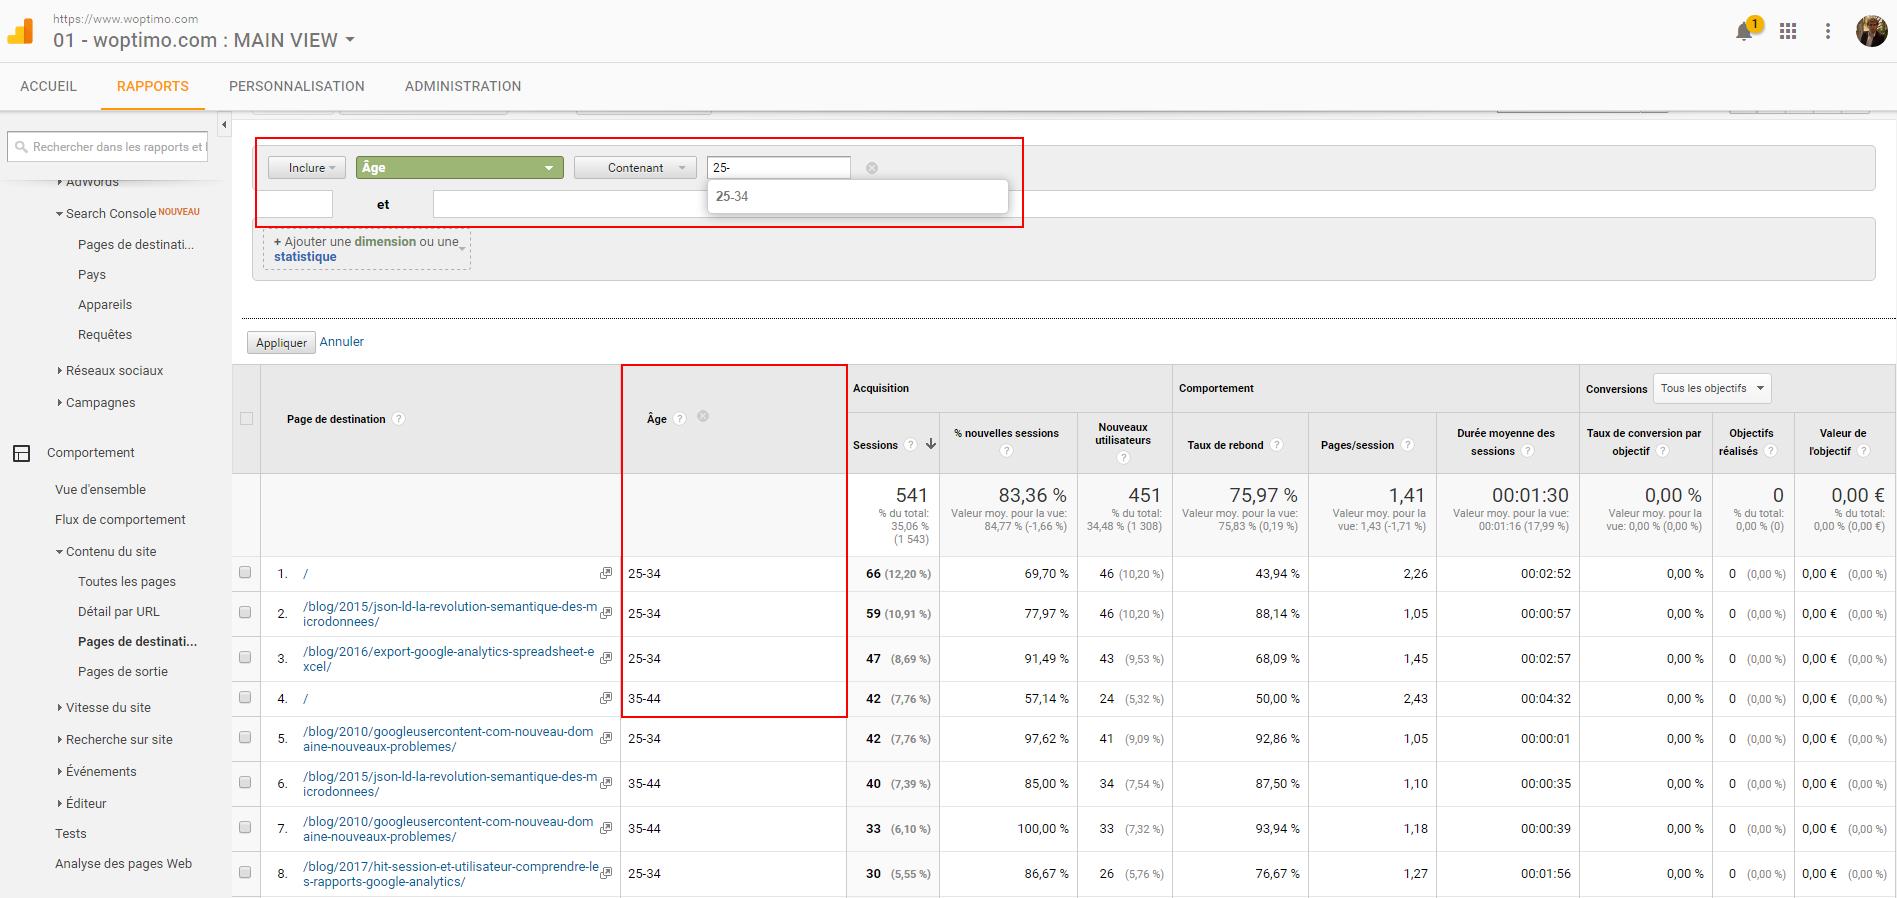 Un rapport Google Analytics avec dimension secondaire et filtre avancé